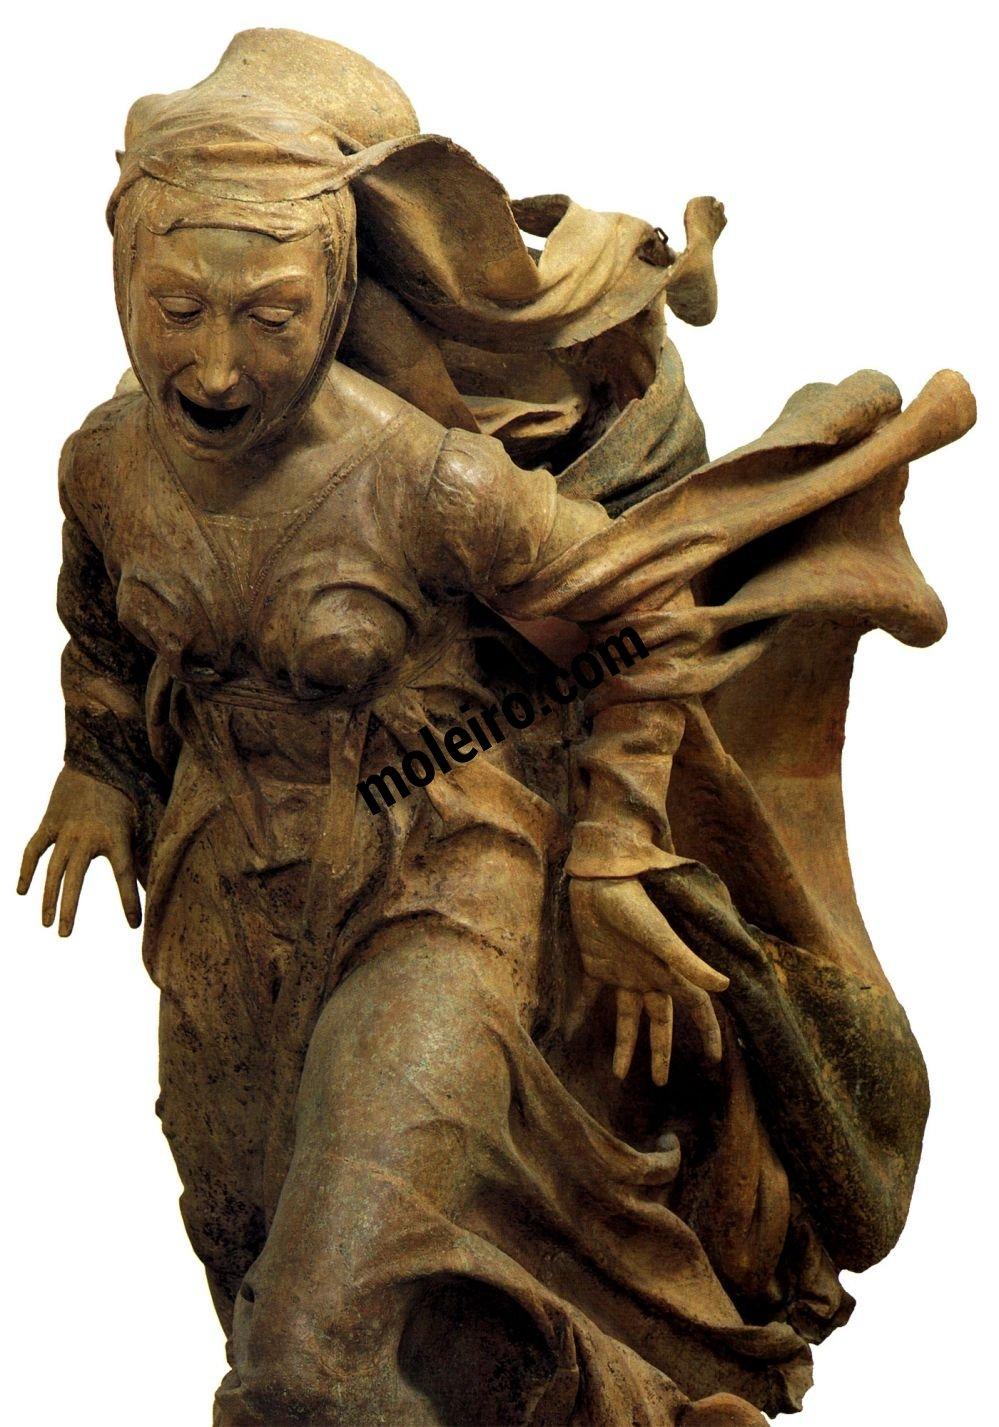 El Arte en el Renacimiento Niccolò dell'Arca, Piedad, detalle, Bolonia, Santa Maria della Vita